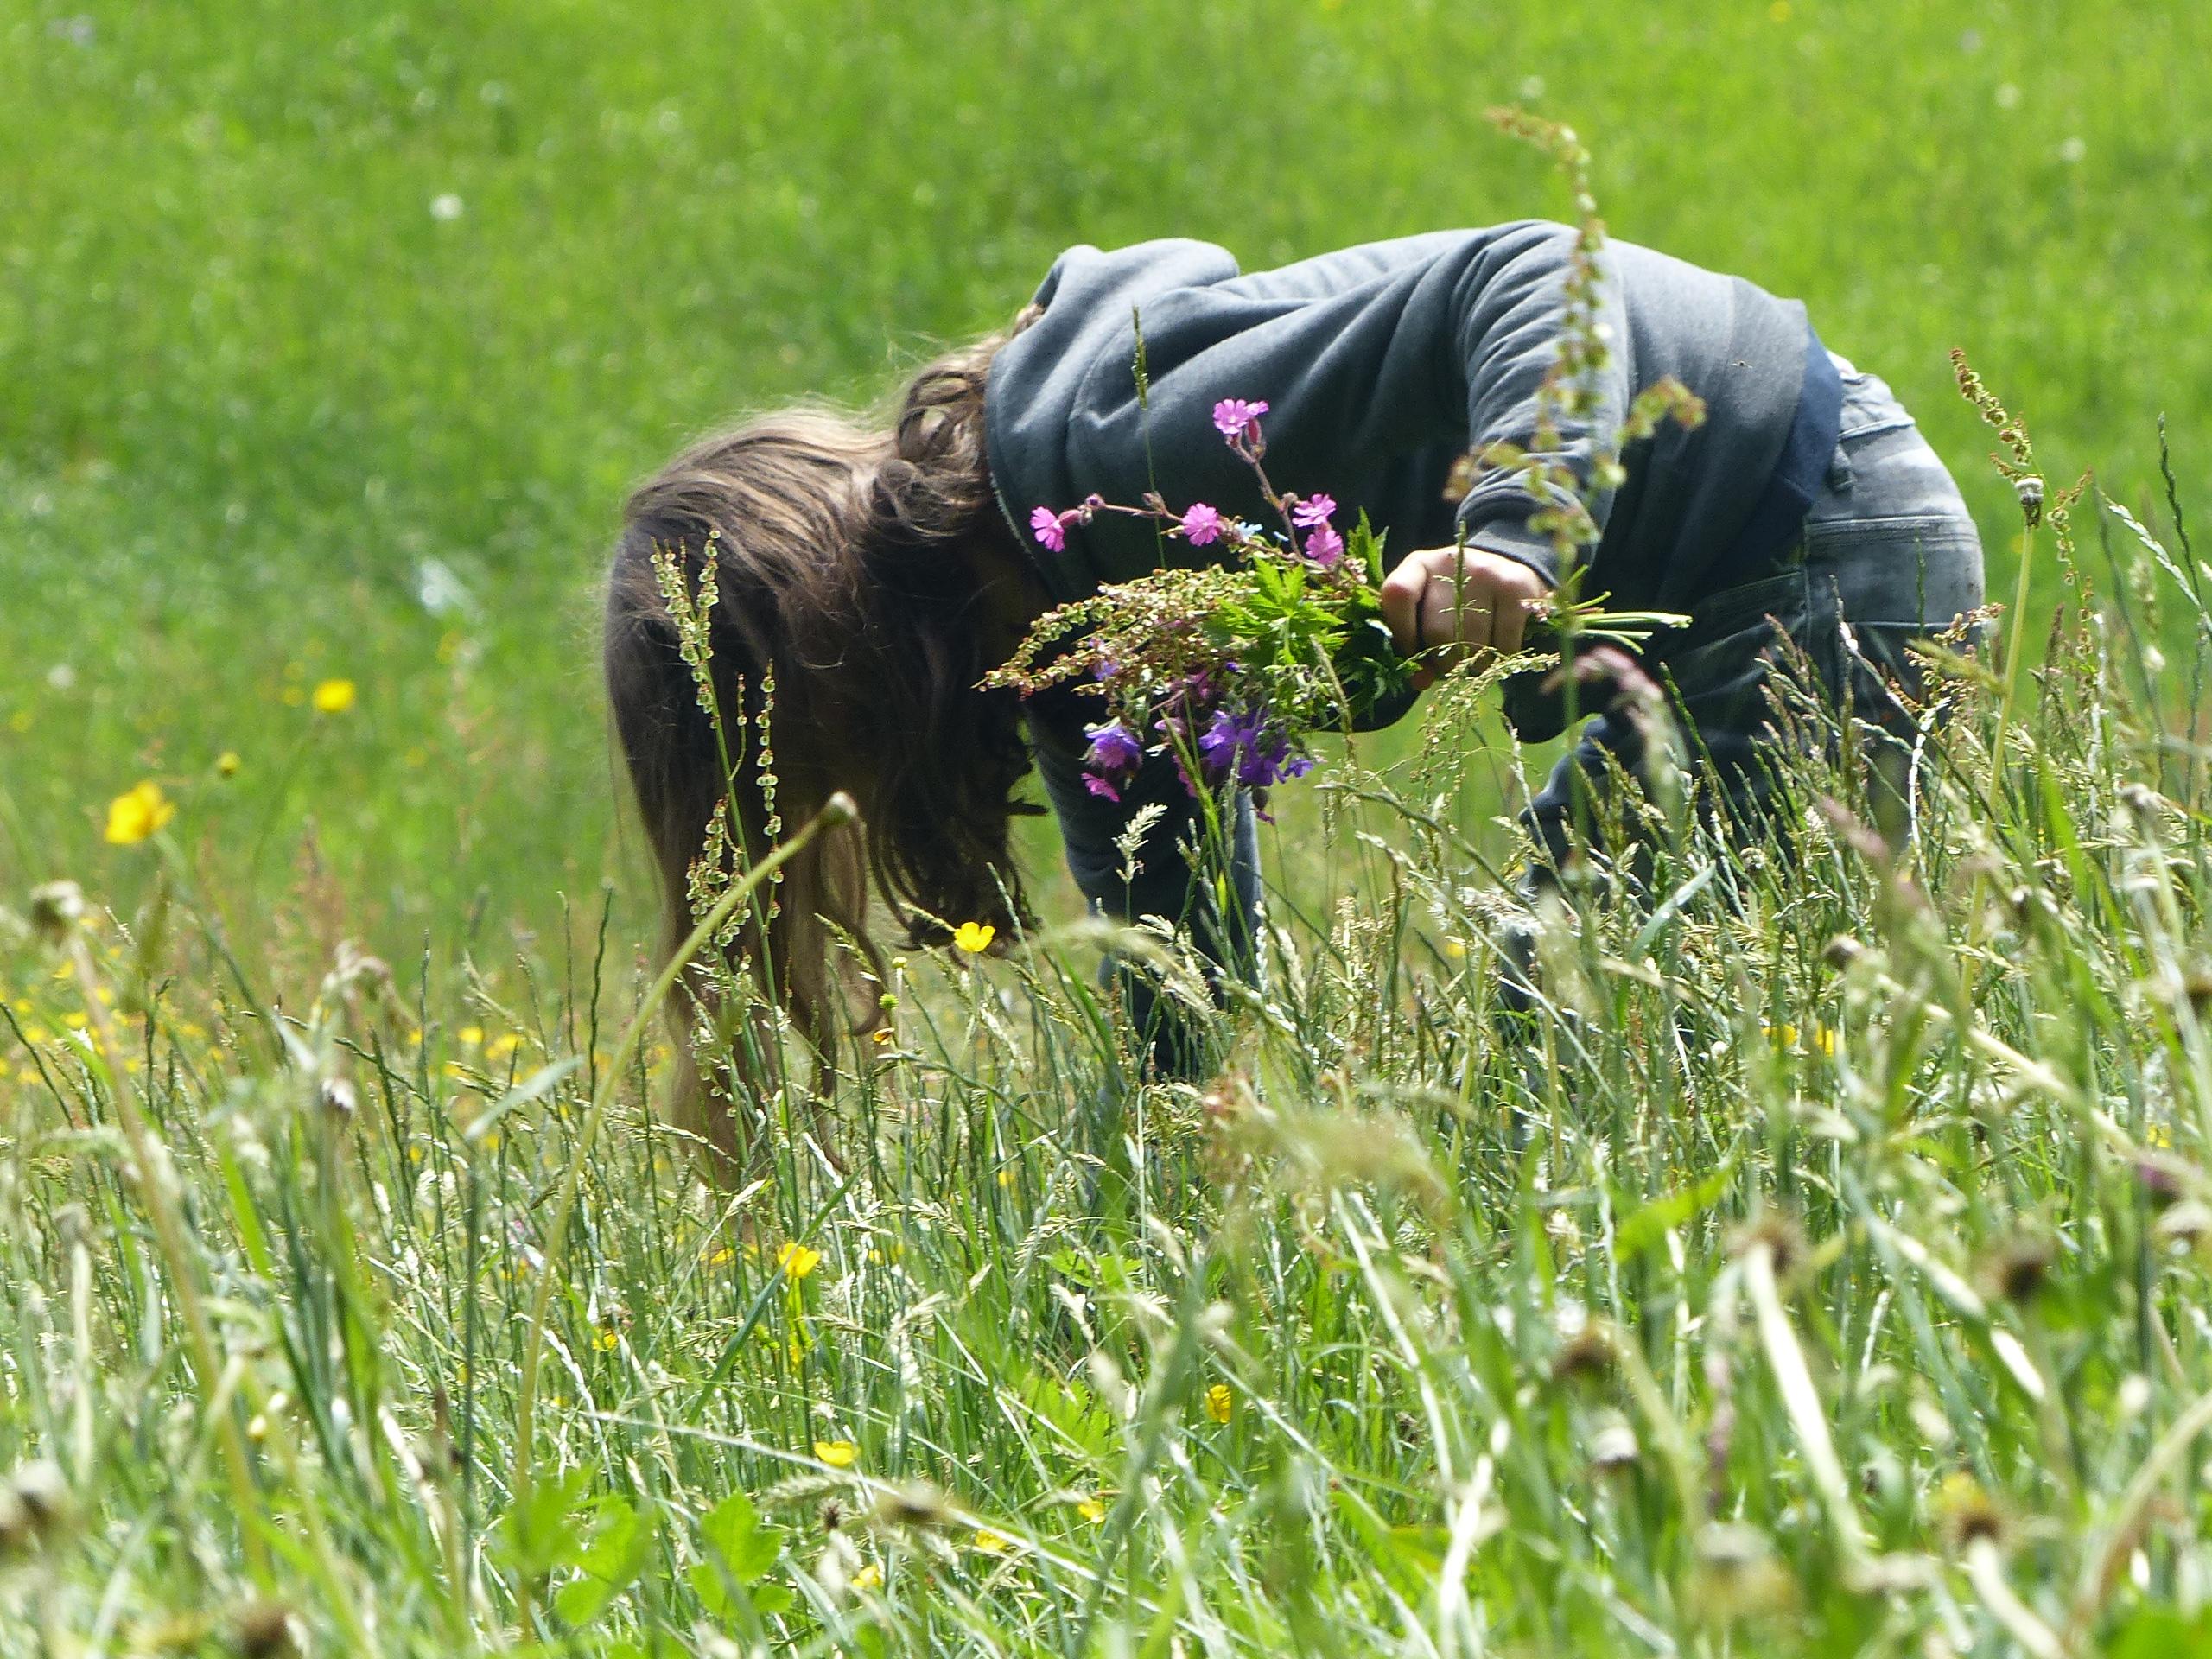 Wie das Mädchen auf dem Foto, sammelte Sabine Simeoni auch als Kind gerne Pflanzen trocknete sie und erstellte eigene Pflanzenbücher